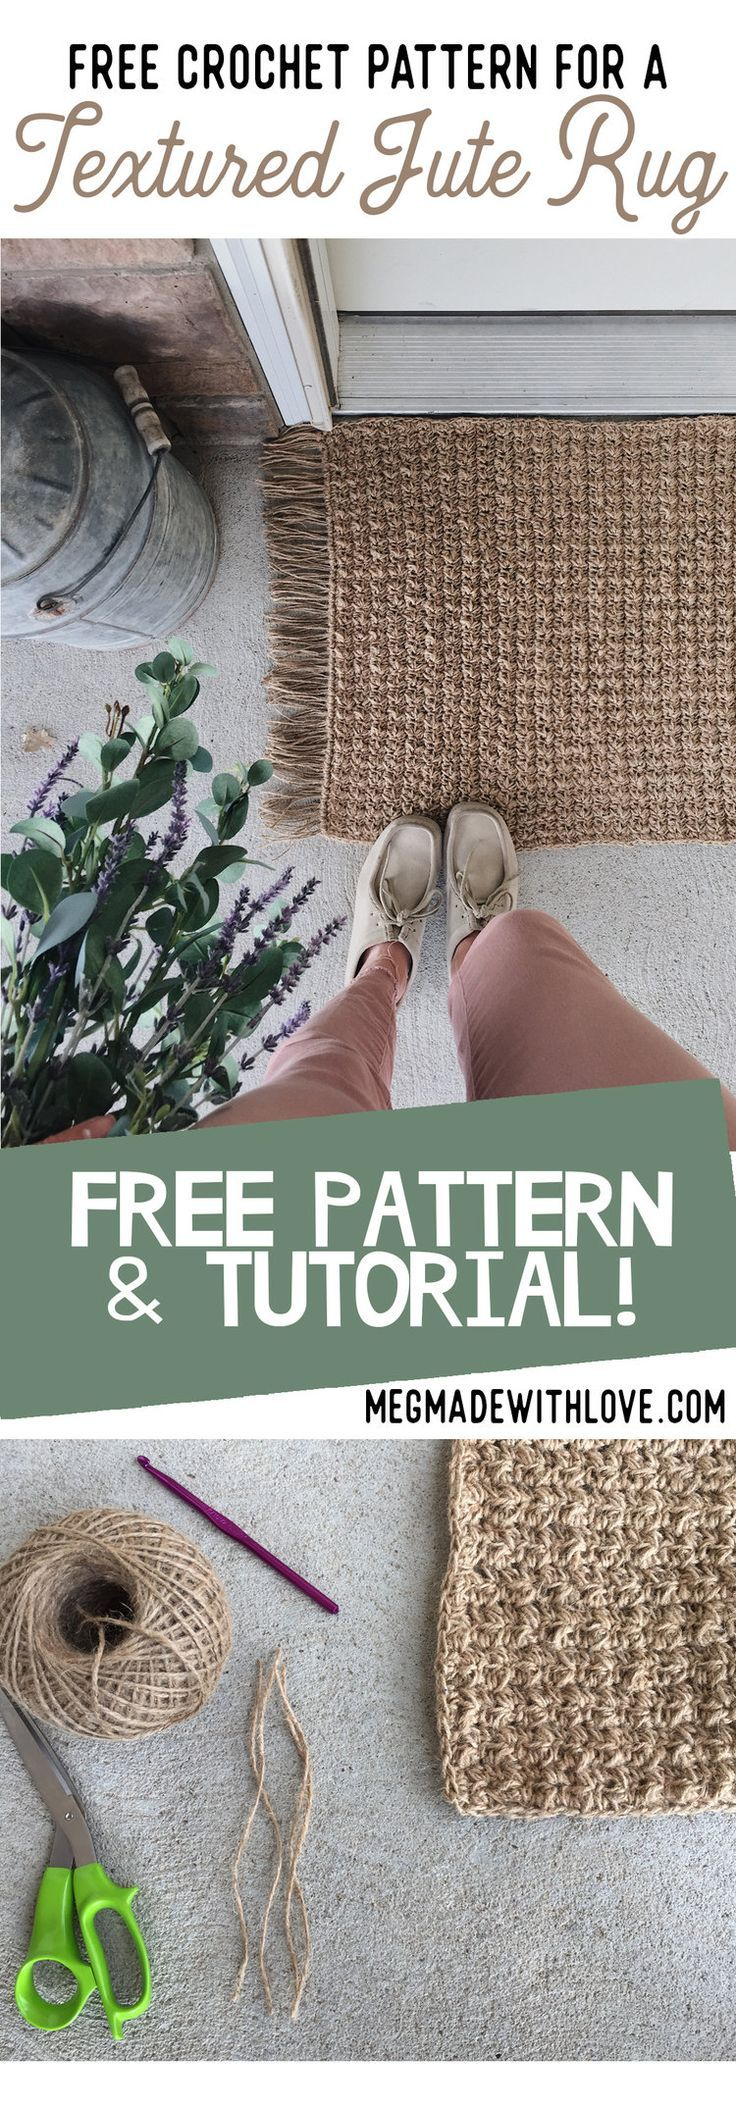 Modèle de crochet gratuit pour un tapis de jute texturé – Megmade with Love   – Sew, Knit & Crochet